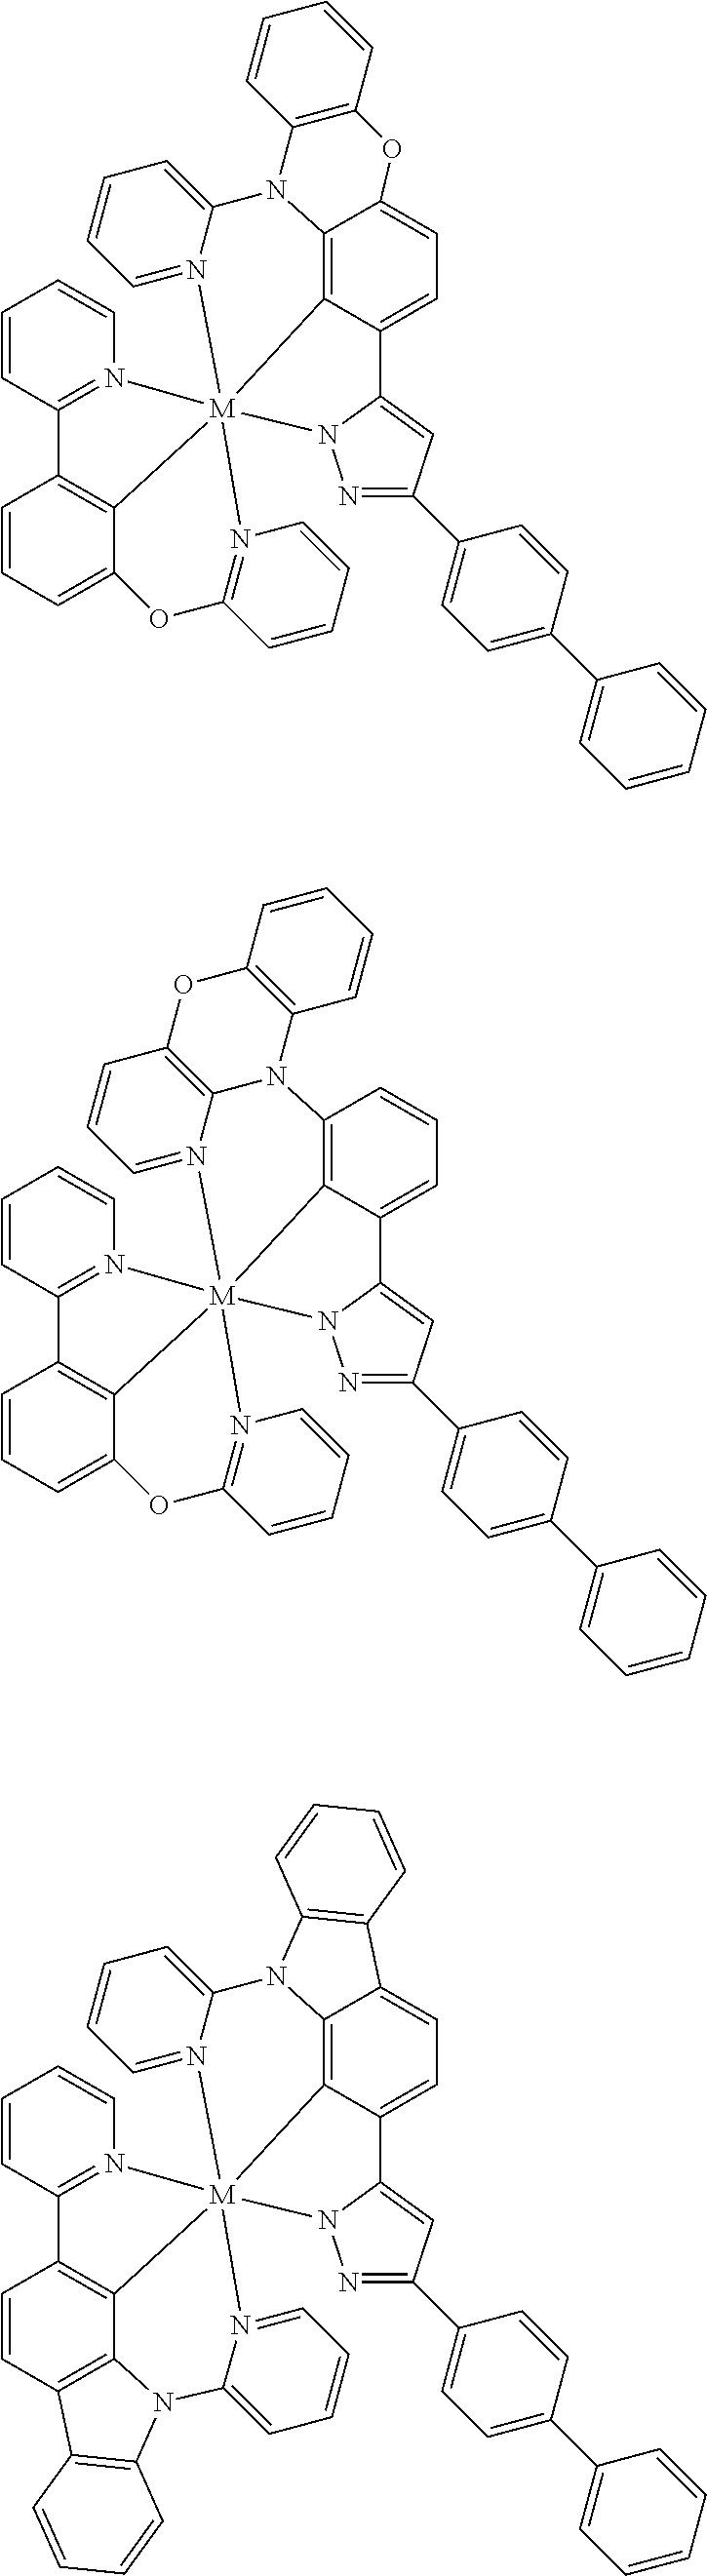 Figure US09818959-20171114-C00428